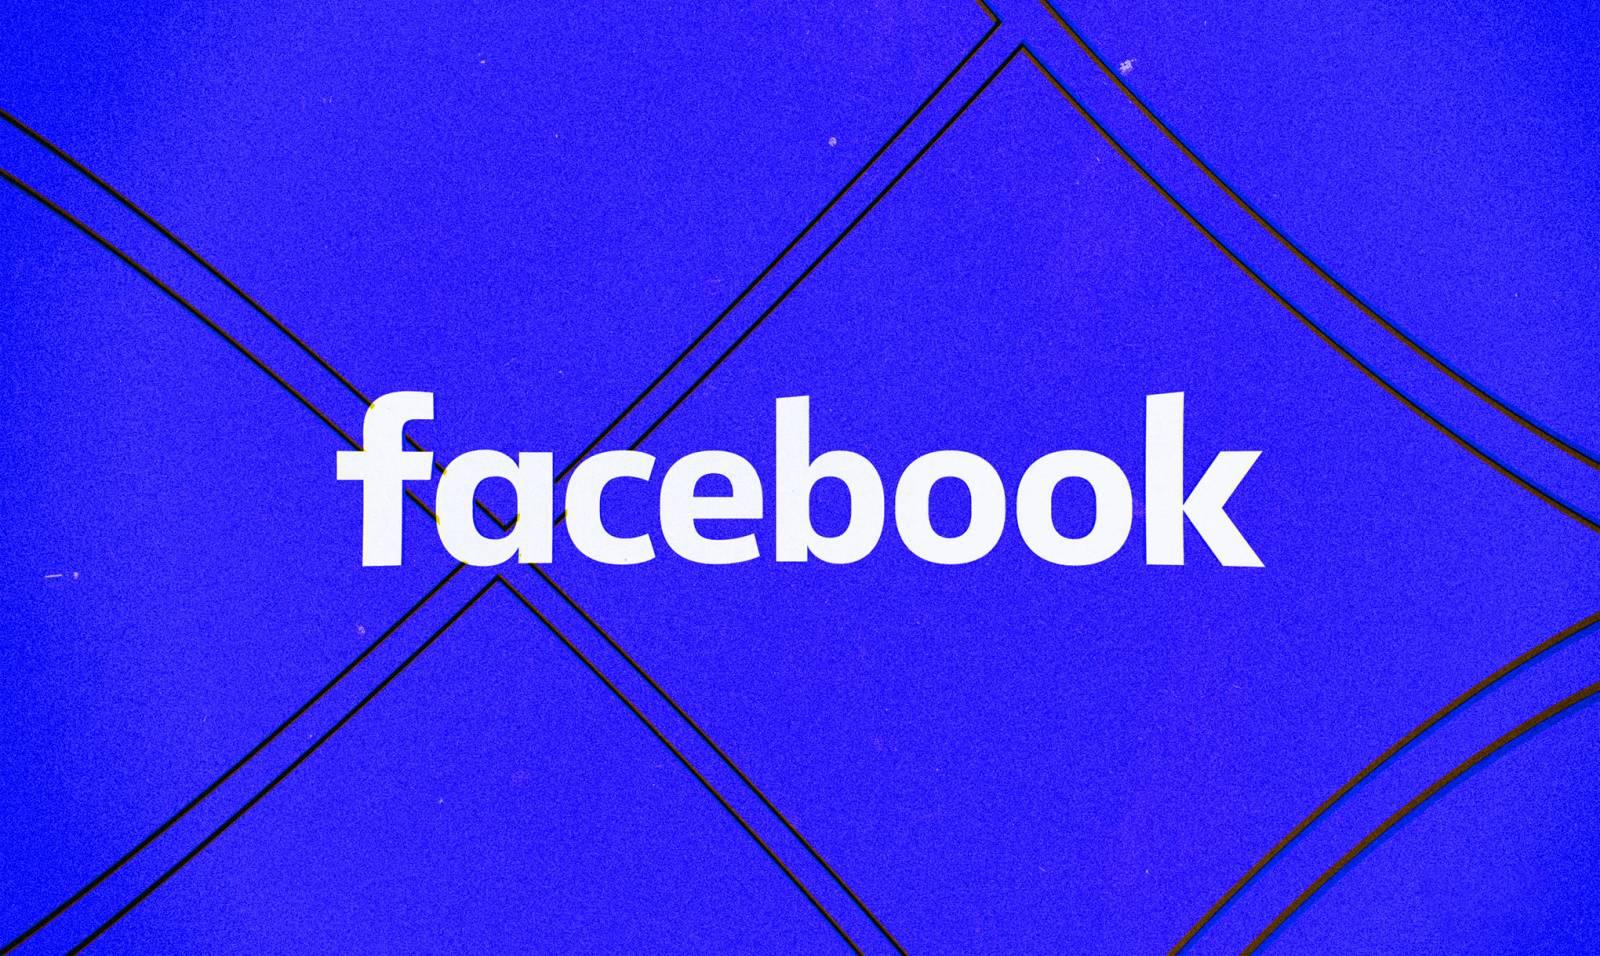 Facebook a implinit 17 ani, ce spune Mark Zuckeberg despre Aniversare